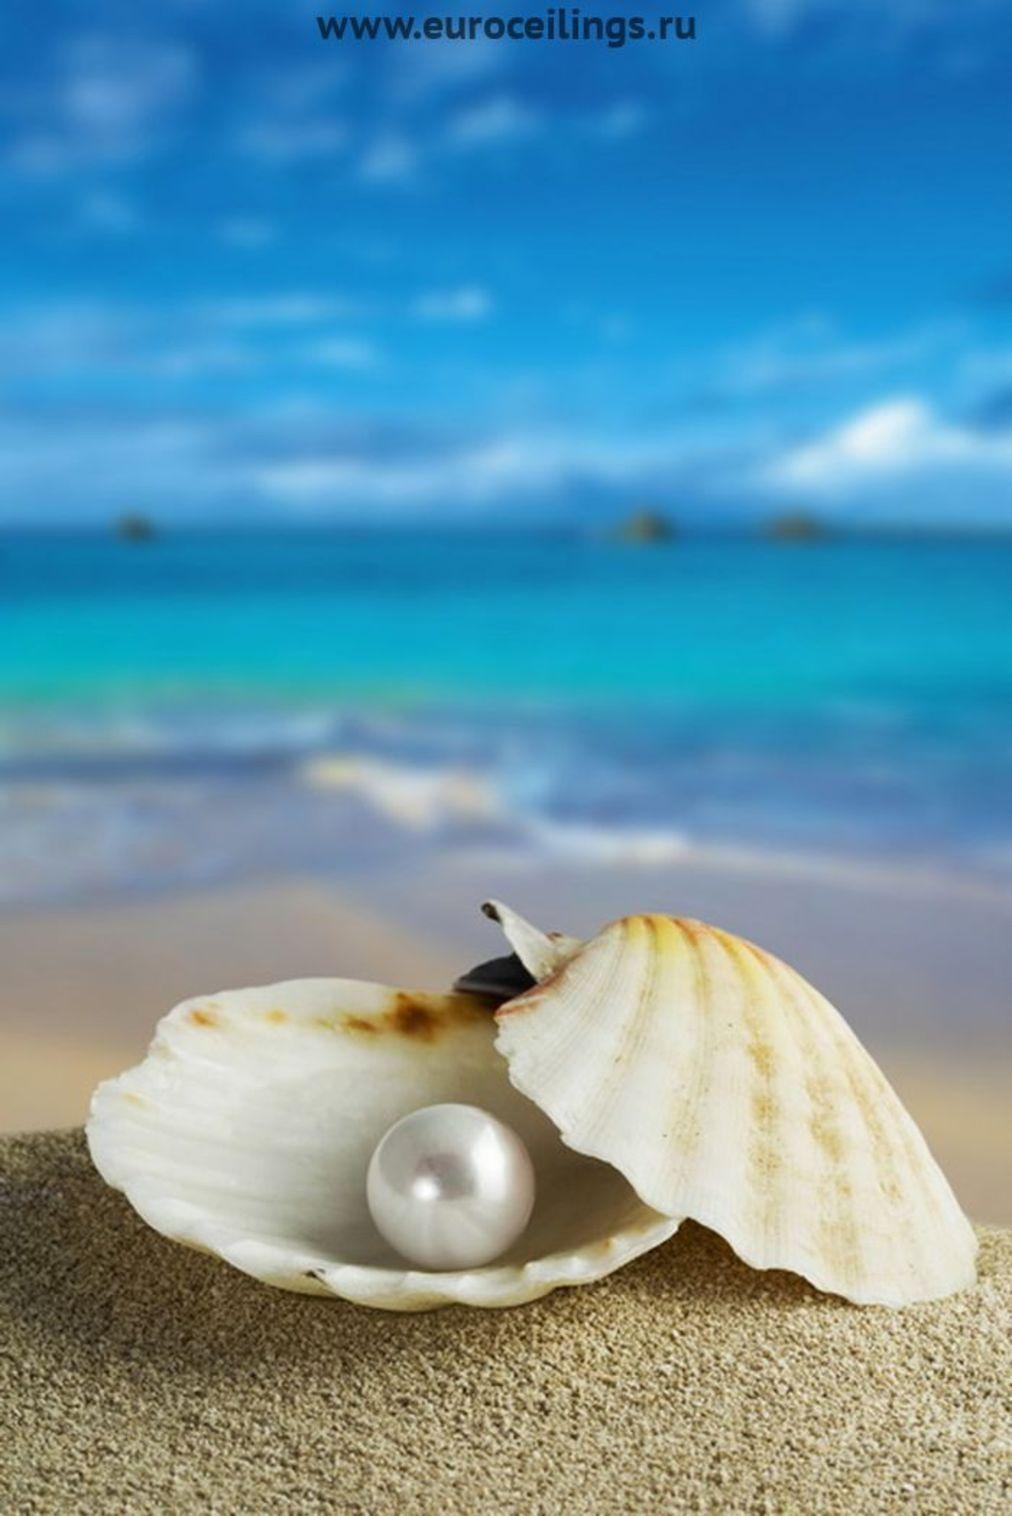 14606 скачать обои Жемчужины, Фон, Море, Ракушки - заставки и картинки бесплатно